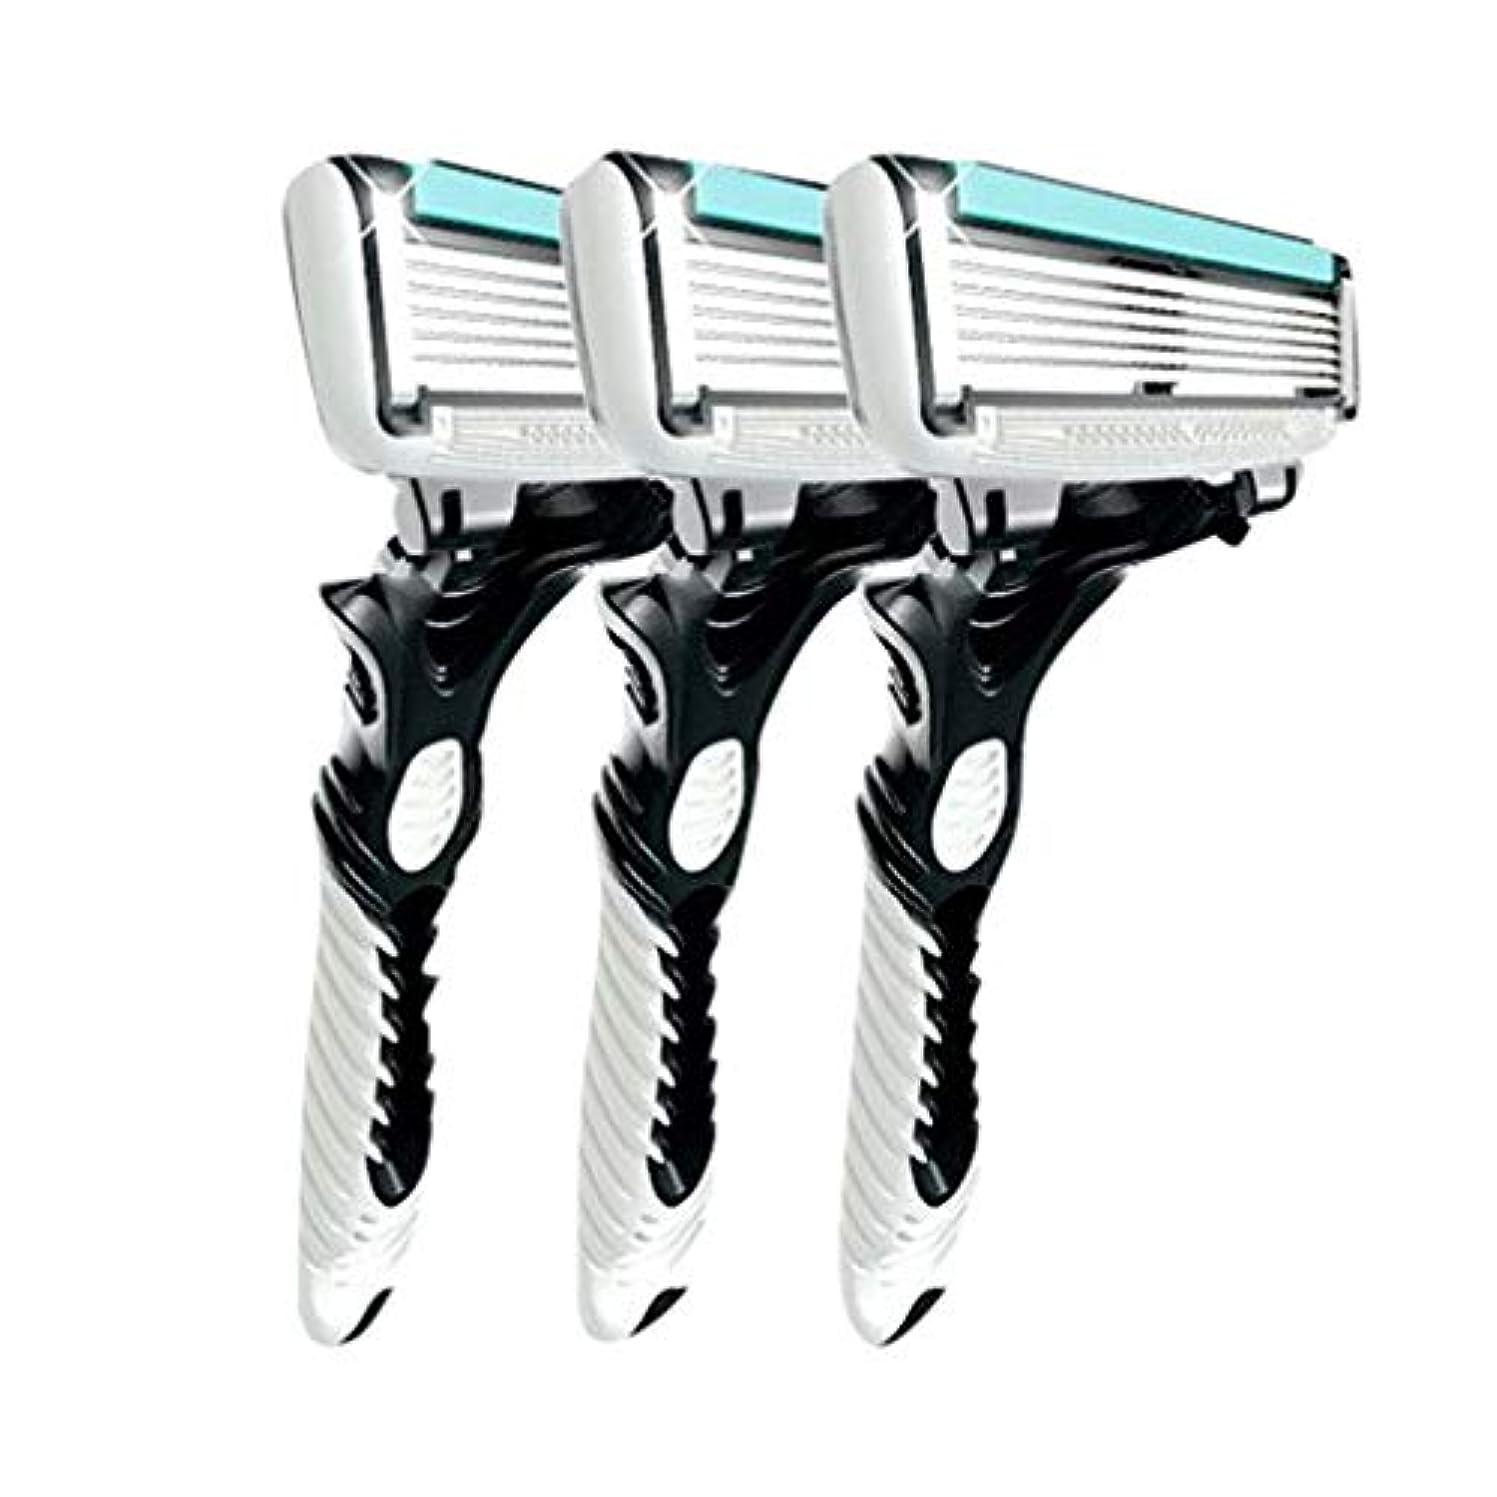 3pcsの男性の安全の伝統的なクラシック6層シェービング髪ブレードカミソリのマニュアルステンレス鋼のシェービング髪のブレイド